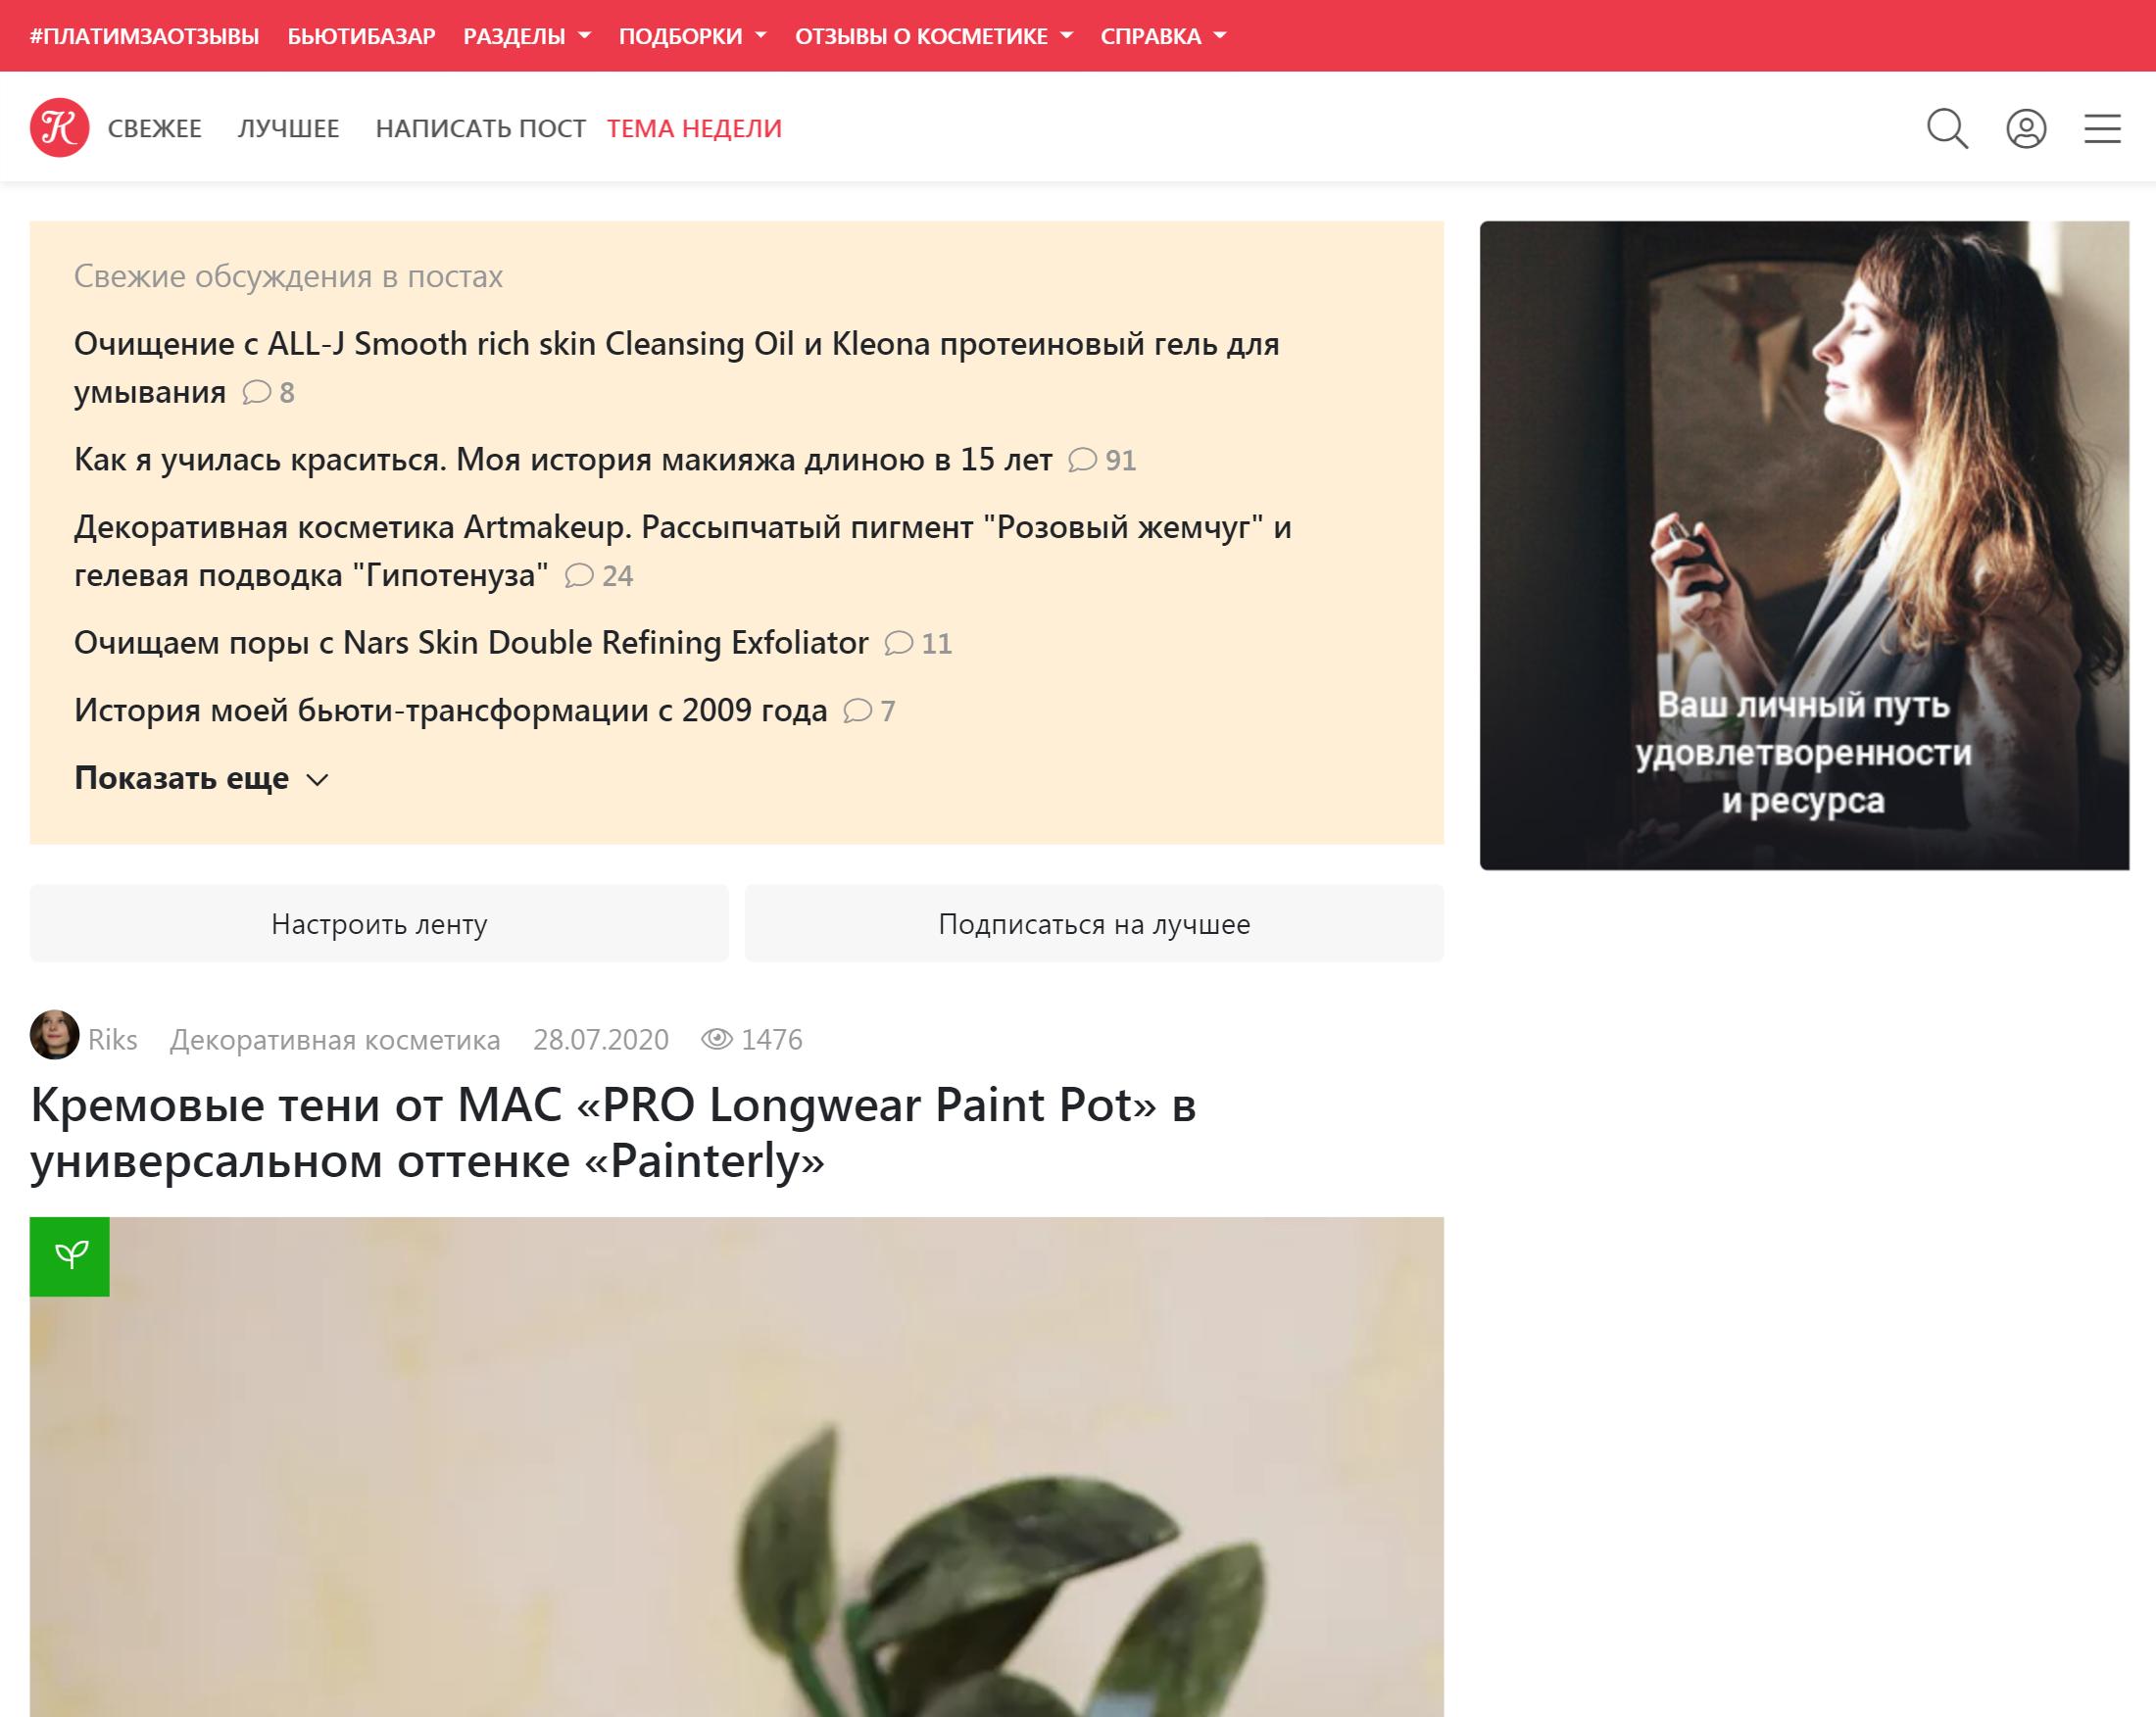 «Косметиста» — популярный среди любителей косметики сайт